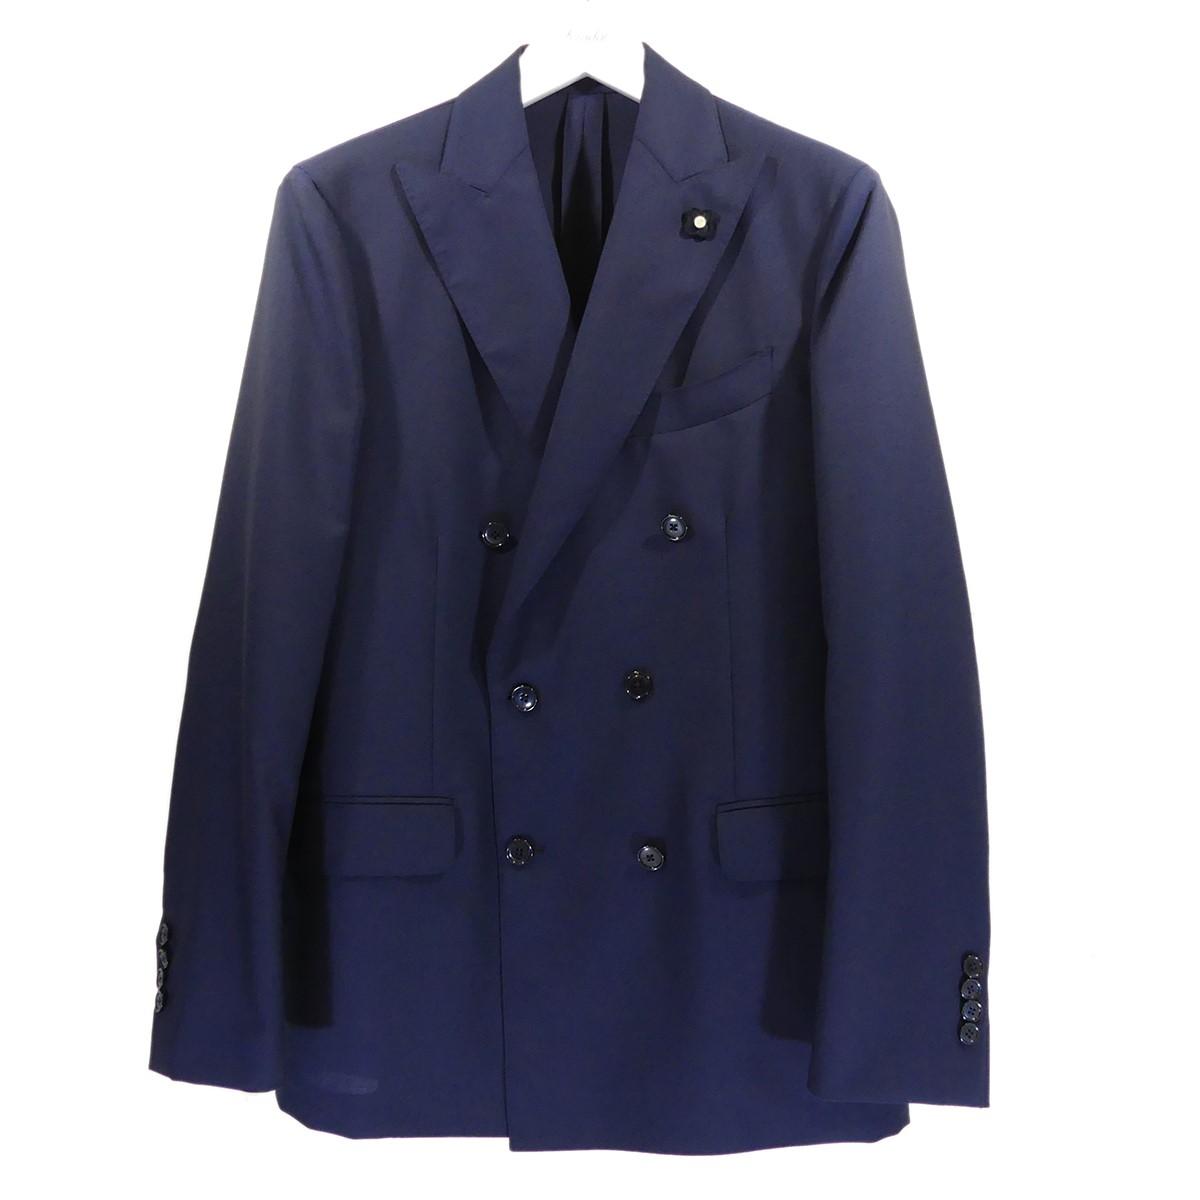 【中古】LARDINI トロピカルウール ダブルスーツ ネイビー サイズ:48 【090820】(ラルディーニ)